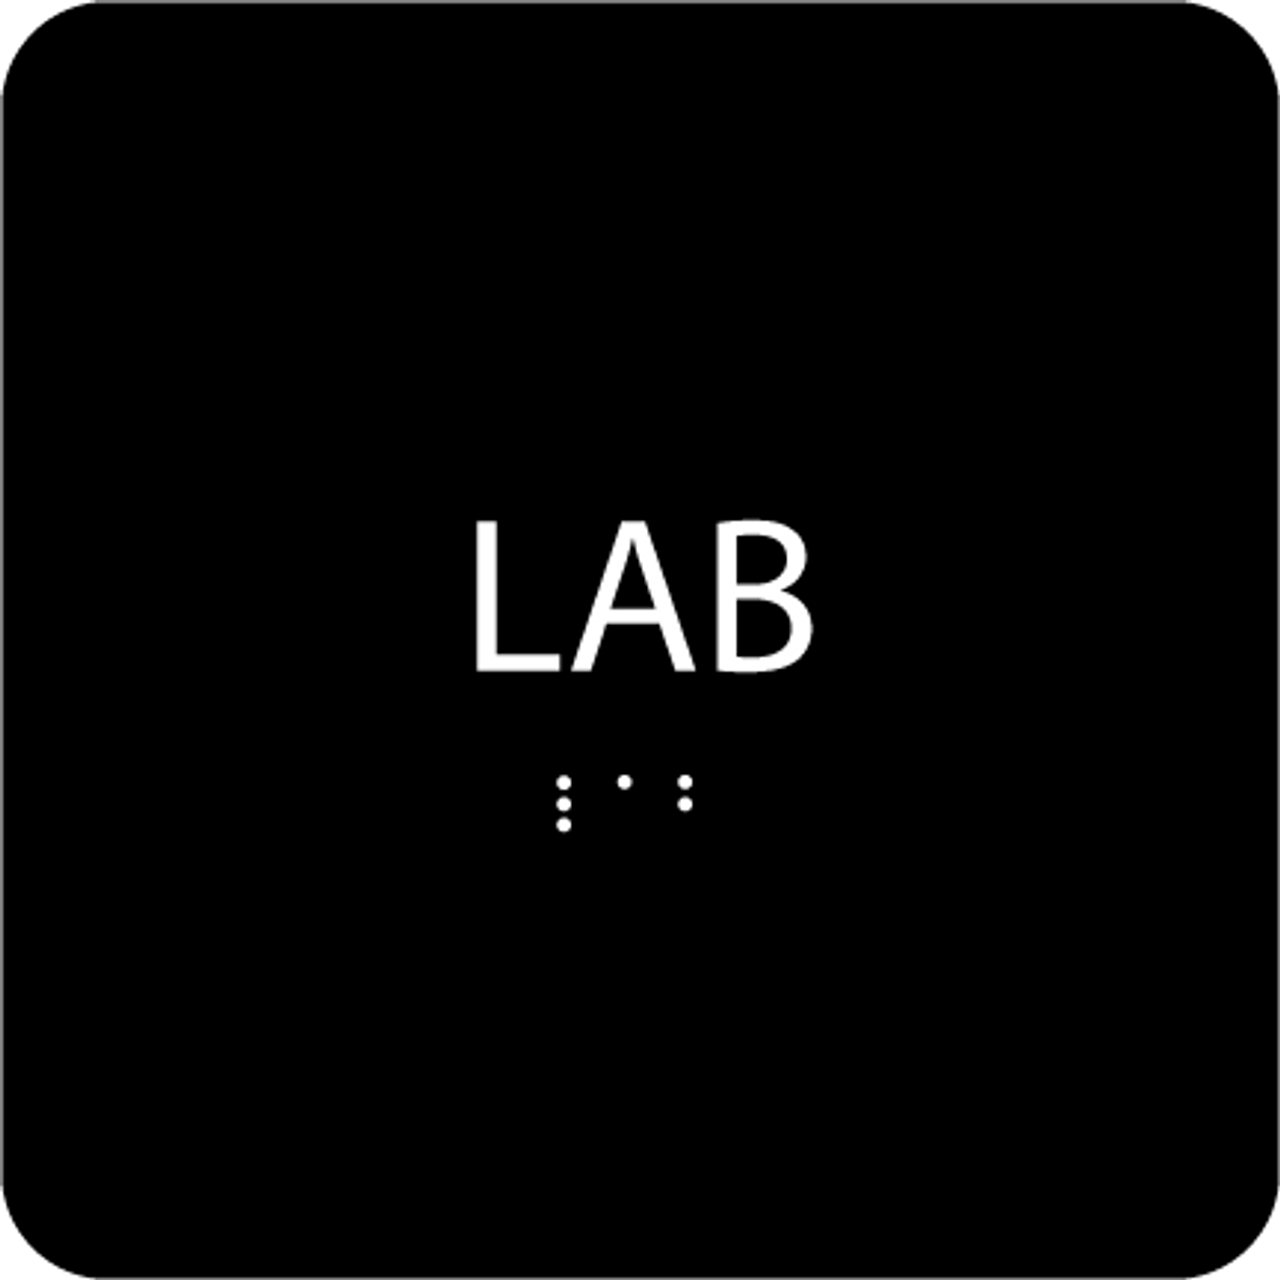 Black Lab ADA Sign